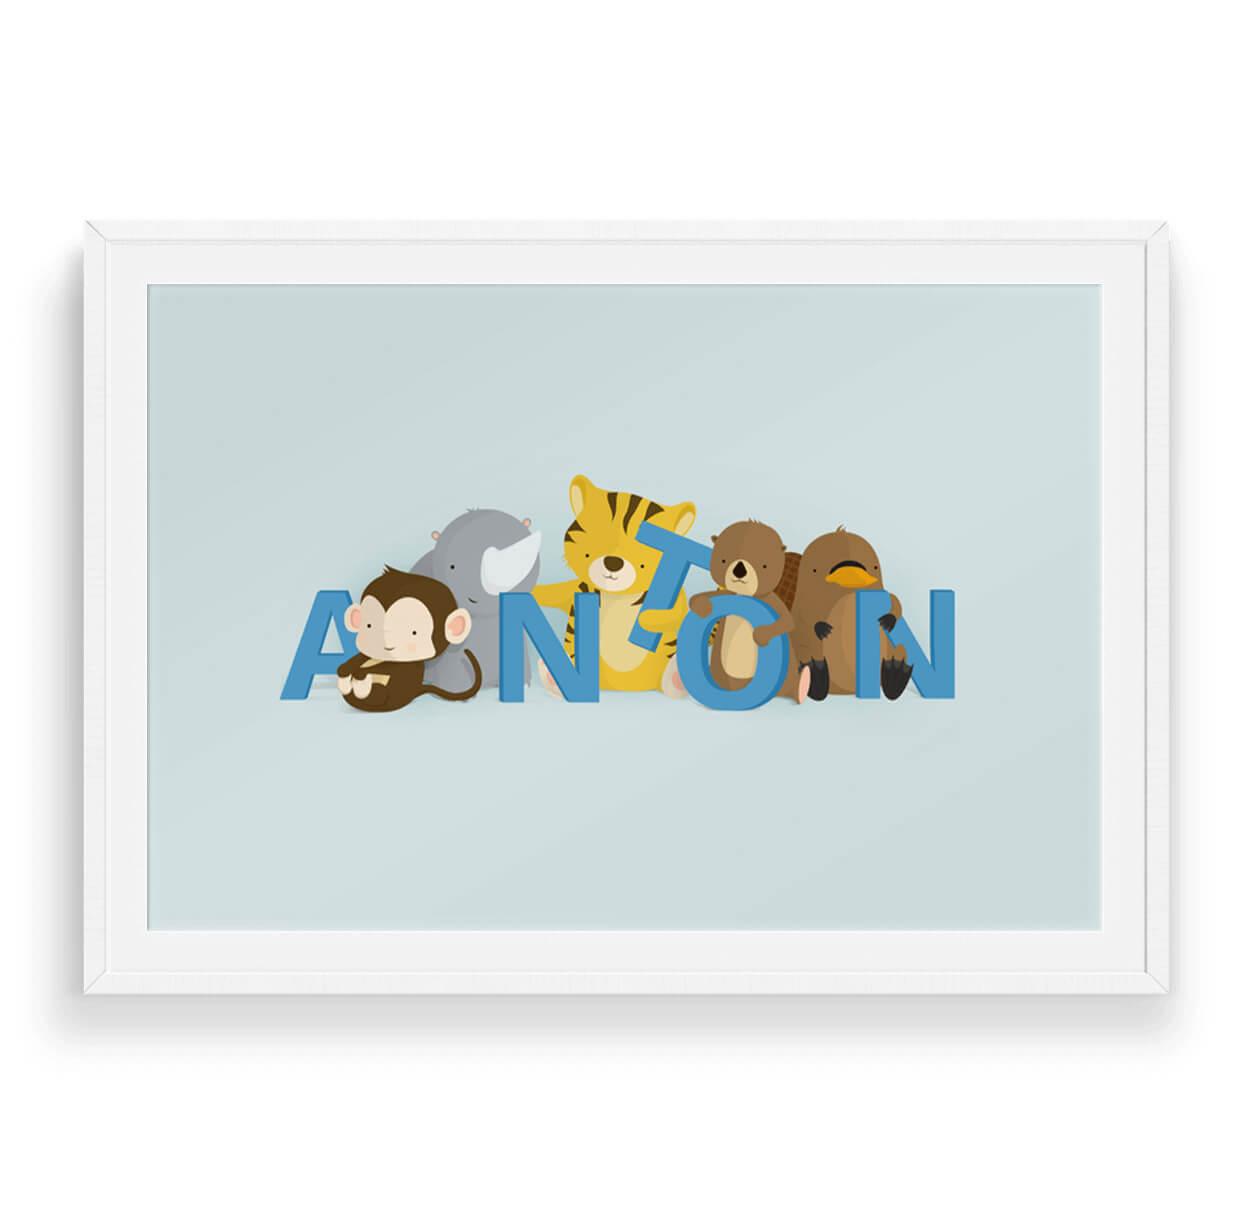 Anton navneplakat | Børneplakater fra Bogstavzoo